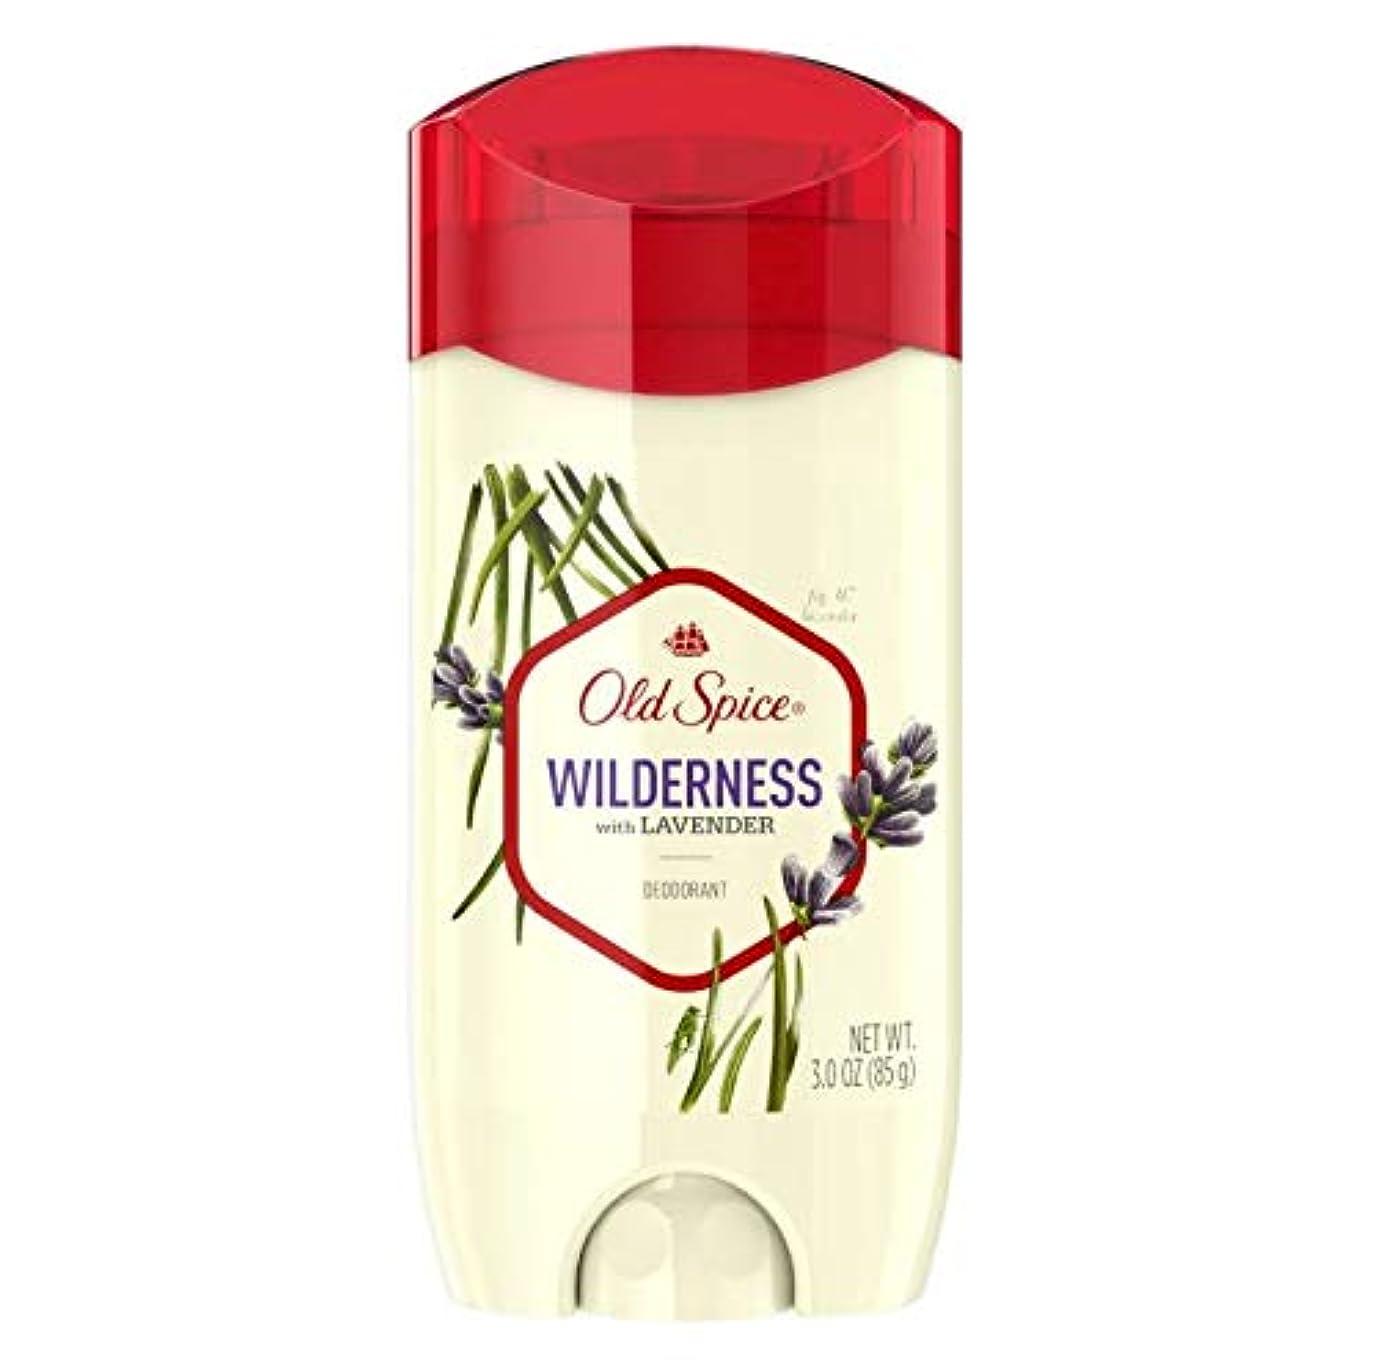 異常明るい雇用者Old Spice Fresher Collection Wilderness Deodorant - 3.0oz オールドスパイス フレッシャー コレクション ワイルドネス デオドラント 85g [並行輸入品]